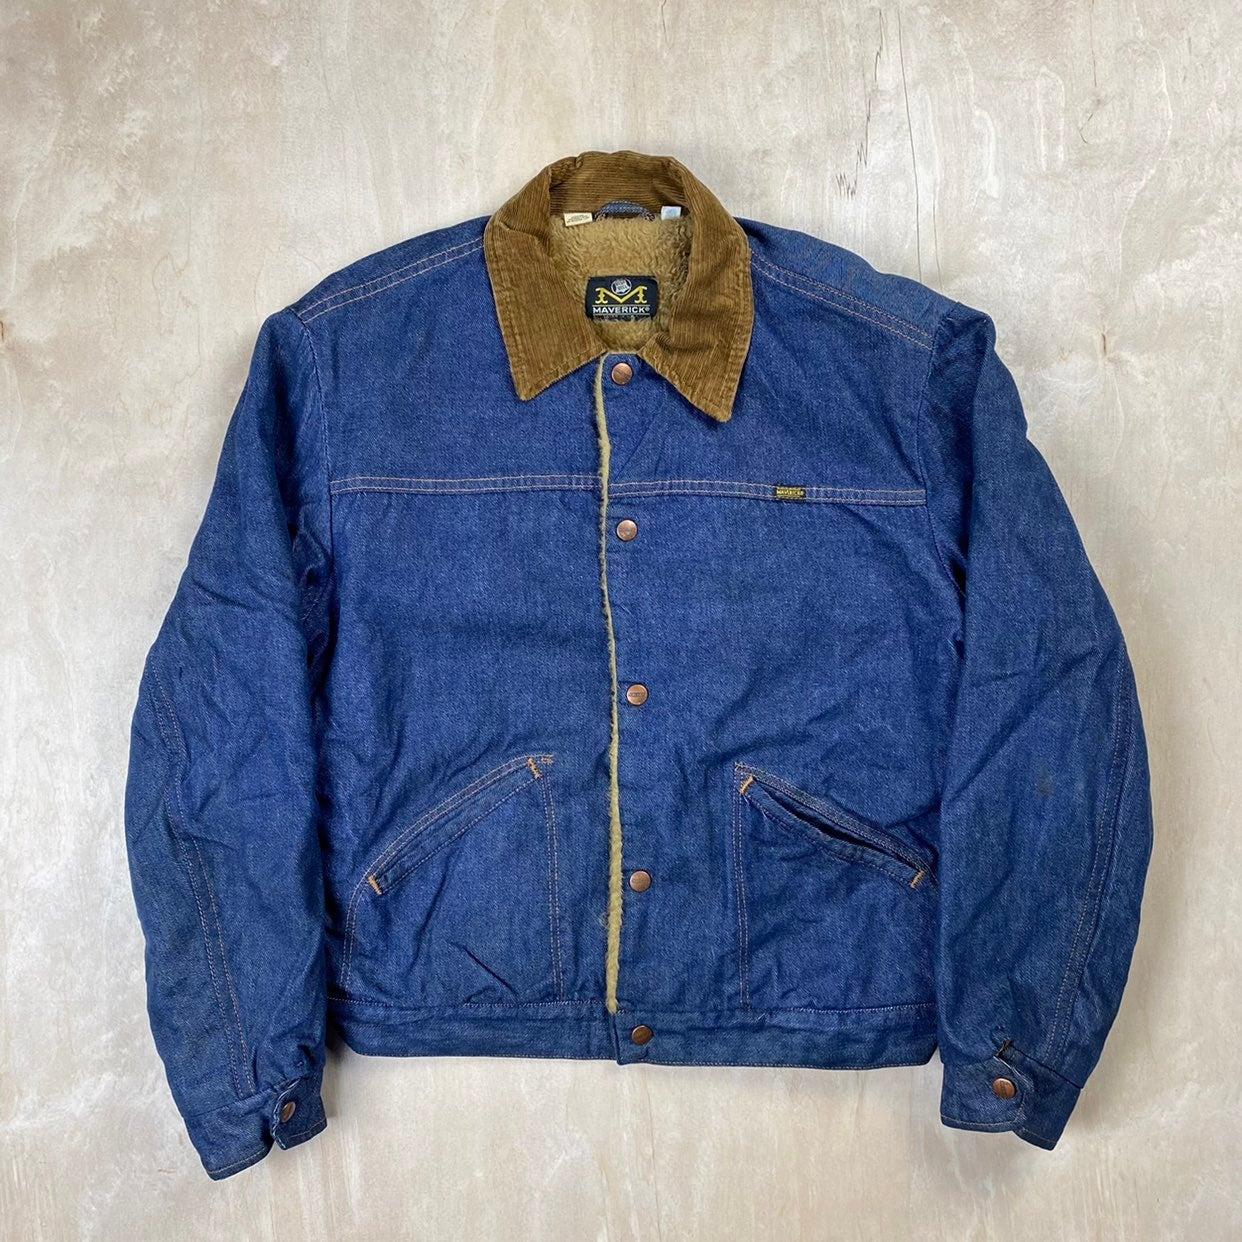 Vintage Blue Bell Maverick Denim Jacket